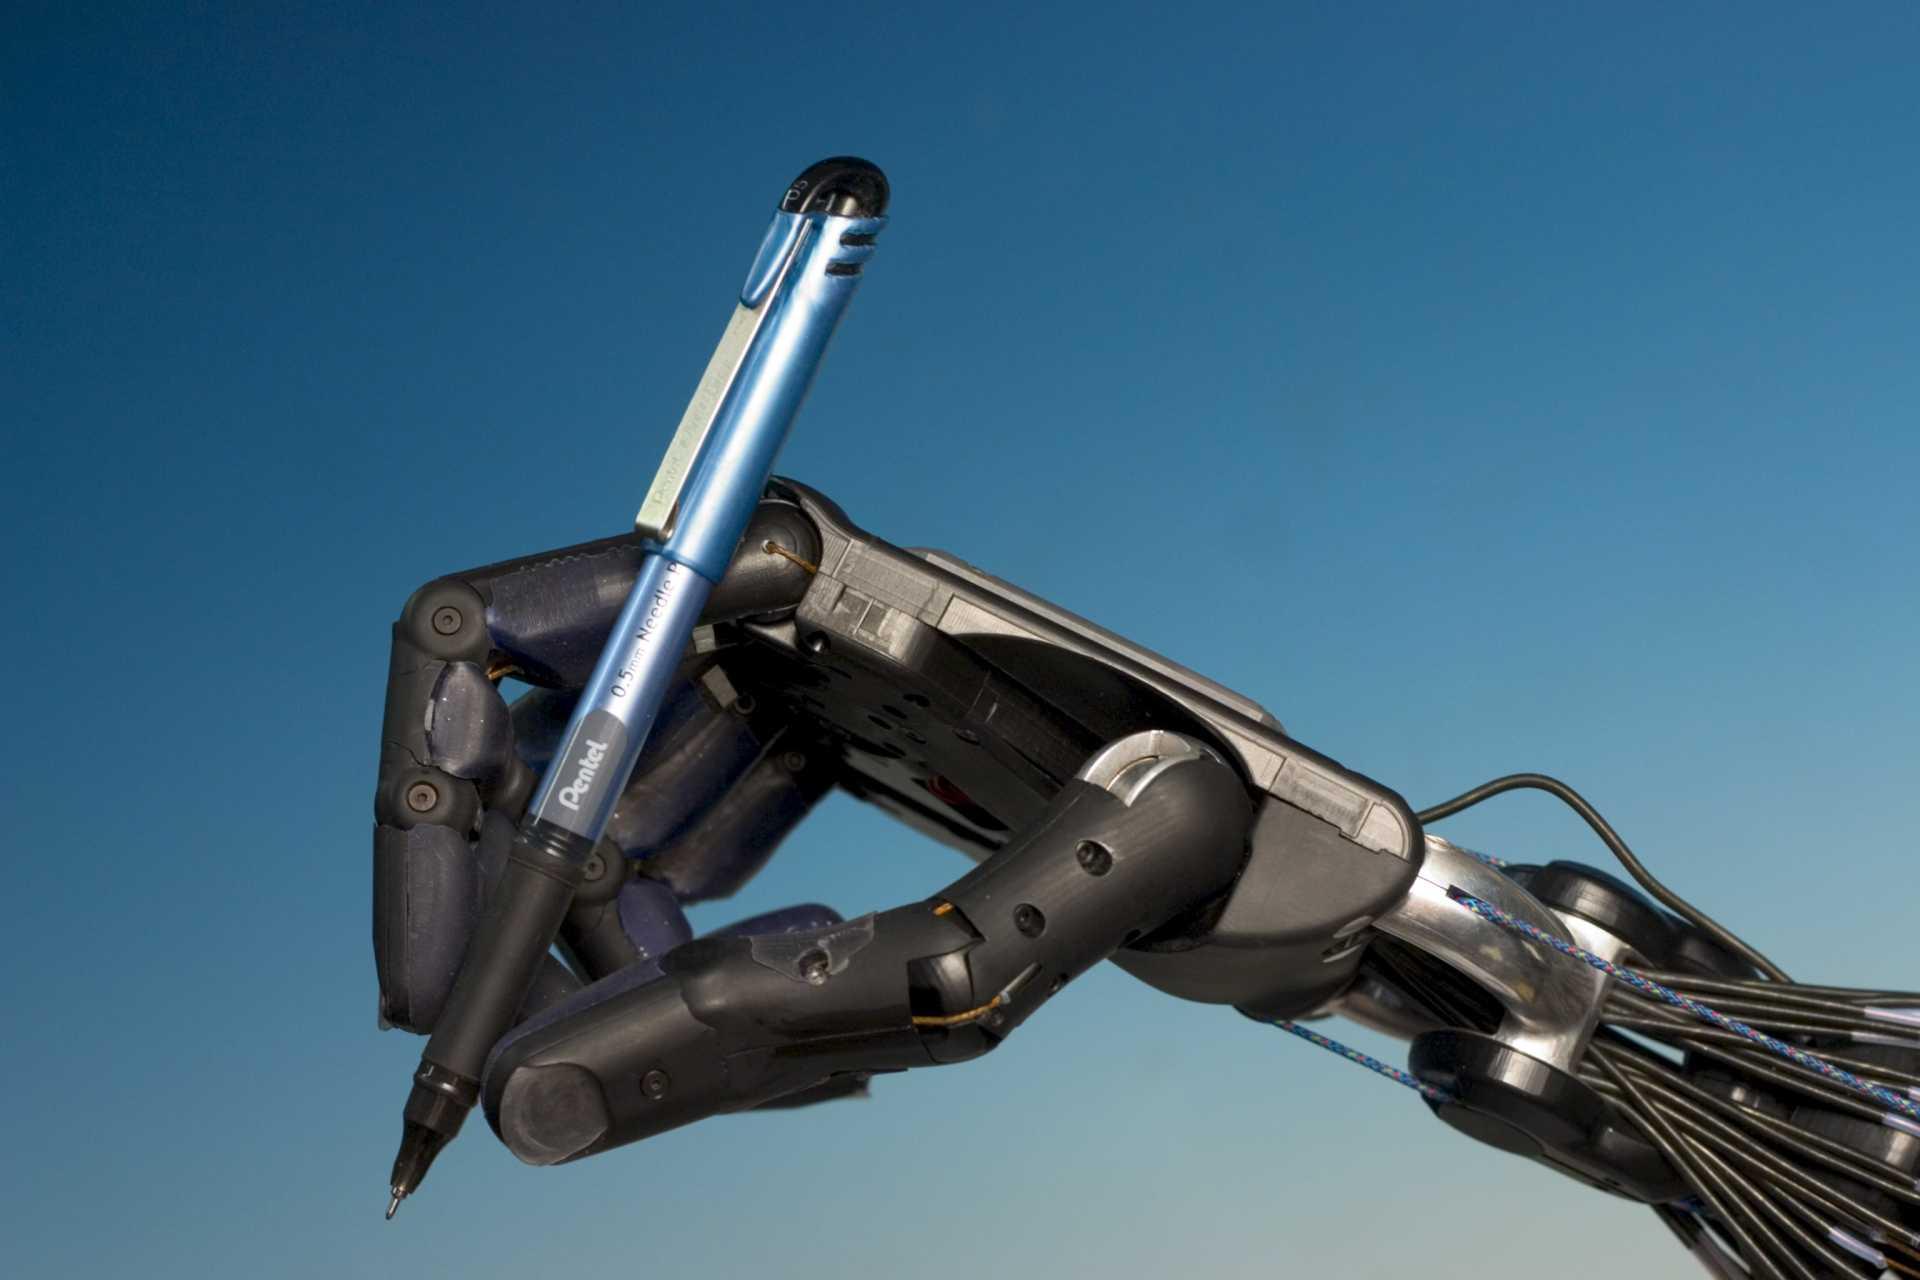 WMG robot hand